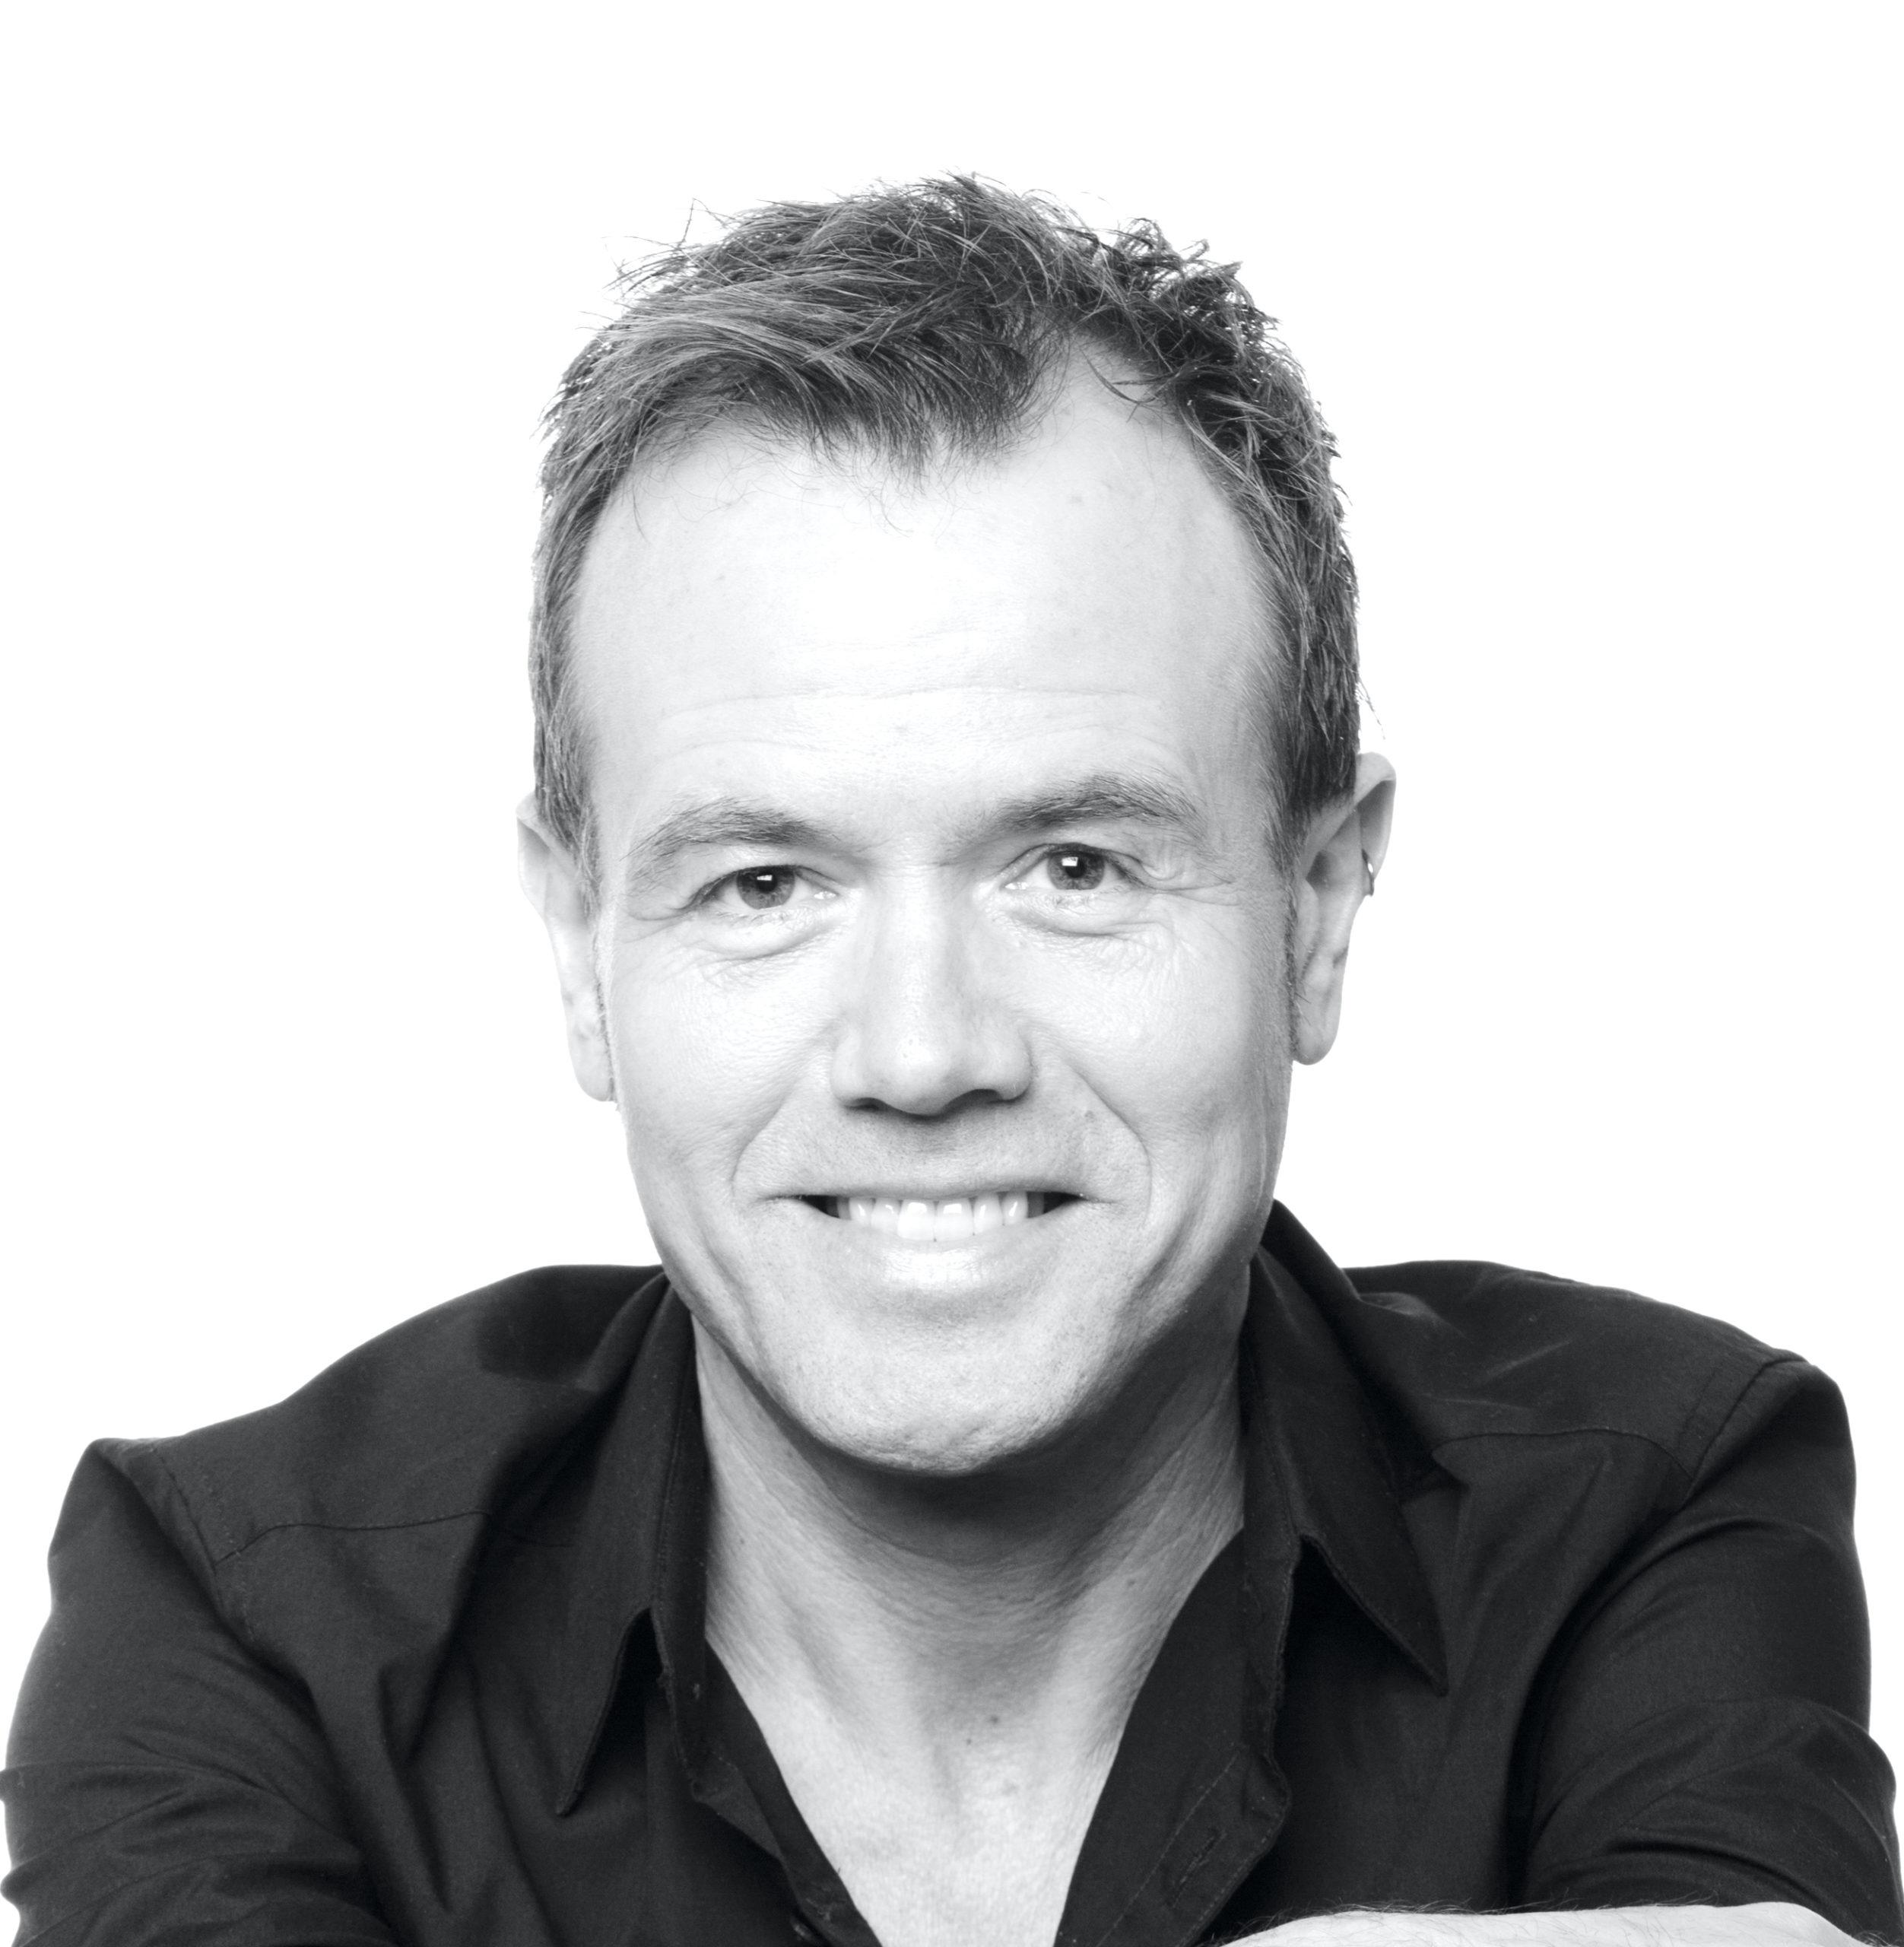 Jens Kristian Pedersen